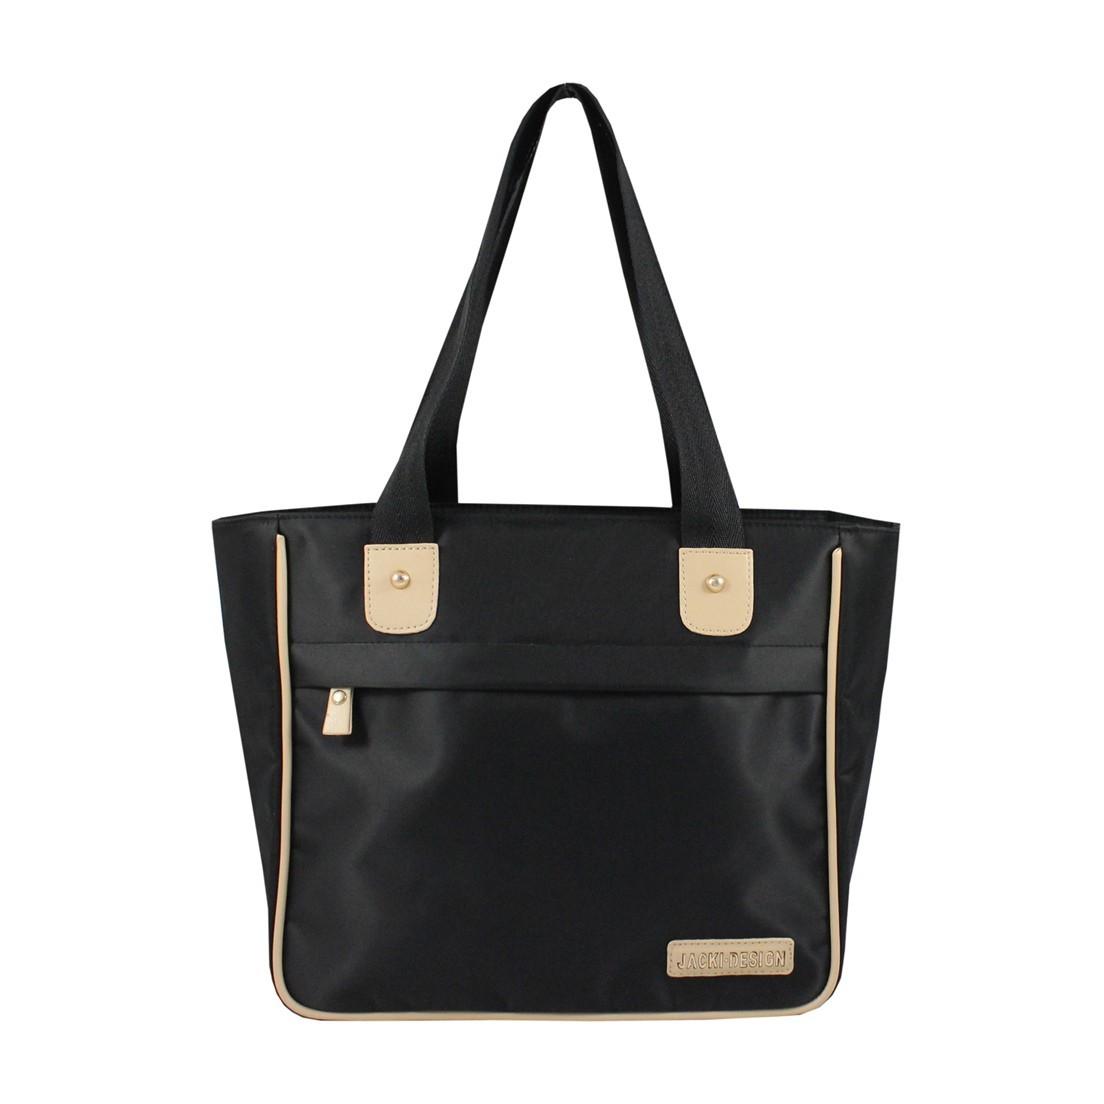 Bolsa Shopper Lisa Essencial I Jacki Design